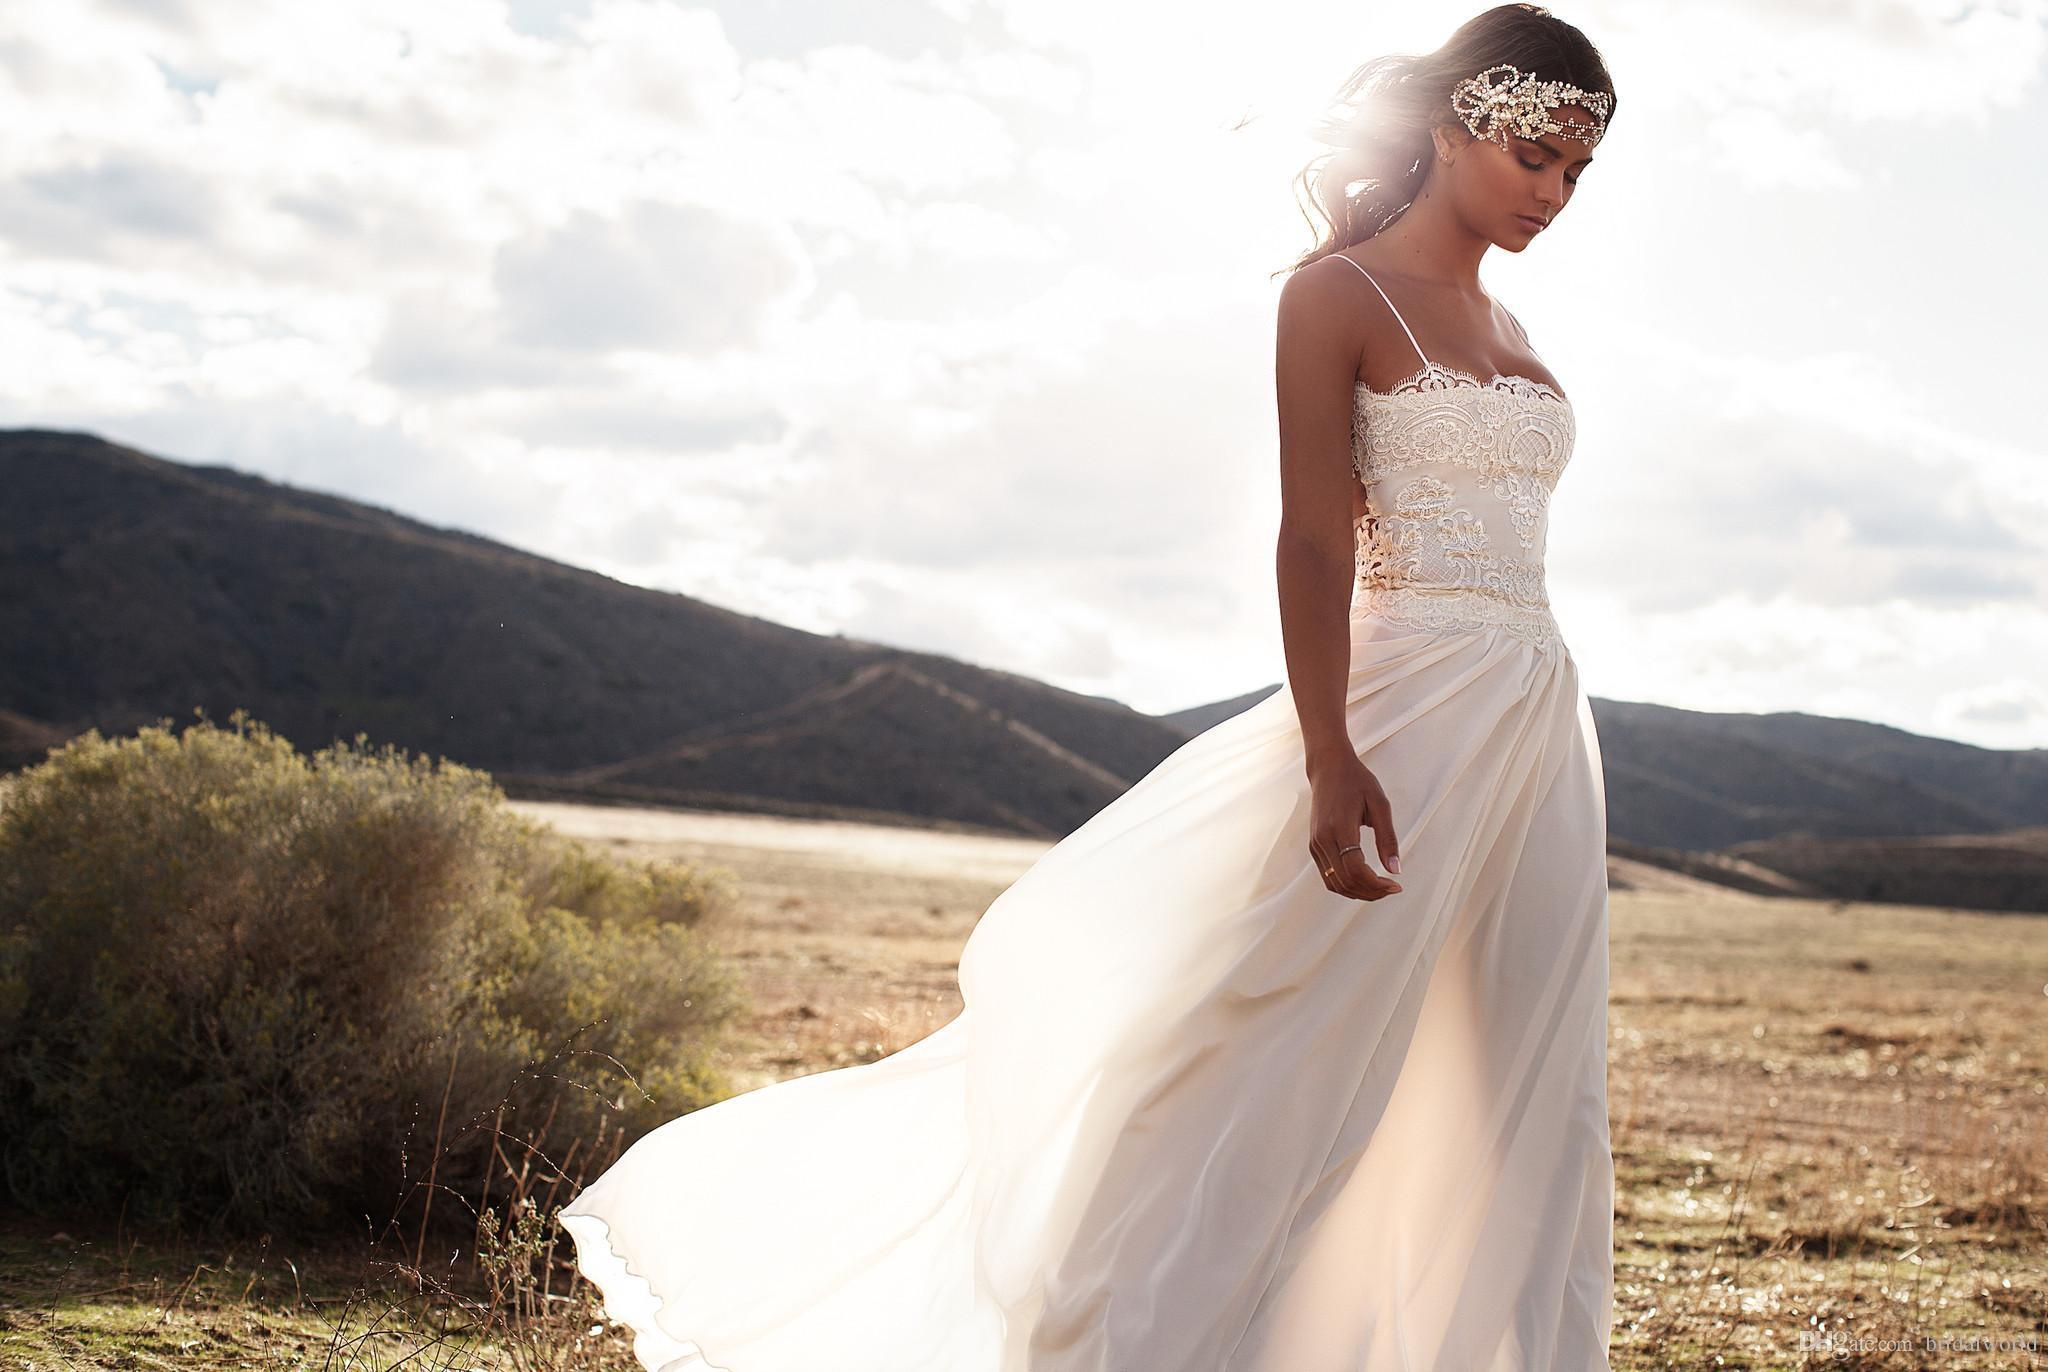 2016 Новые Летние Свадебные Платья Спагетти Ремни Кружева Шифон Длина Пола Трапеция Свадебные Платья Пляж Простой Плюс Размер Дешевые Свадебные Платья